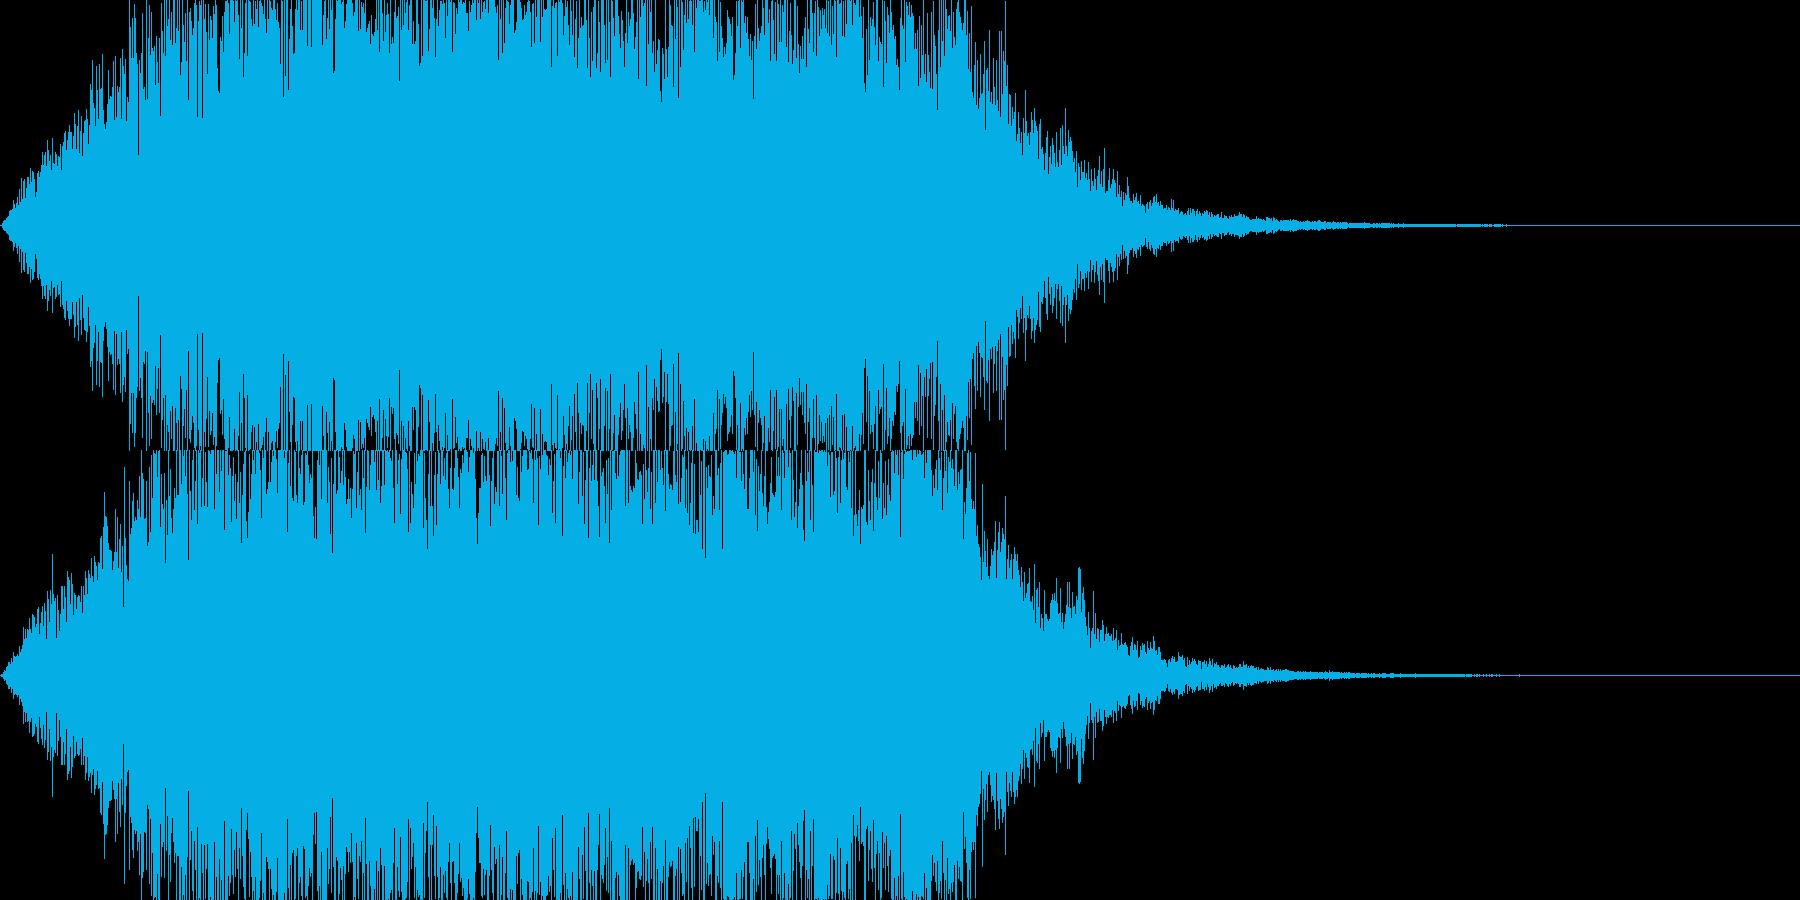 幻想的で伸びのある音(サウンドロゴ等に)の再生済みの波形